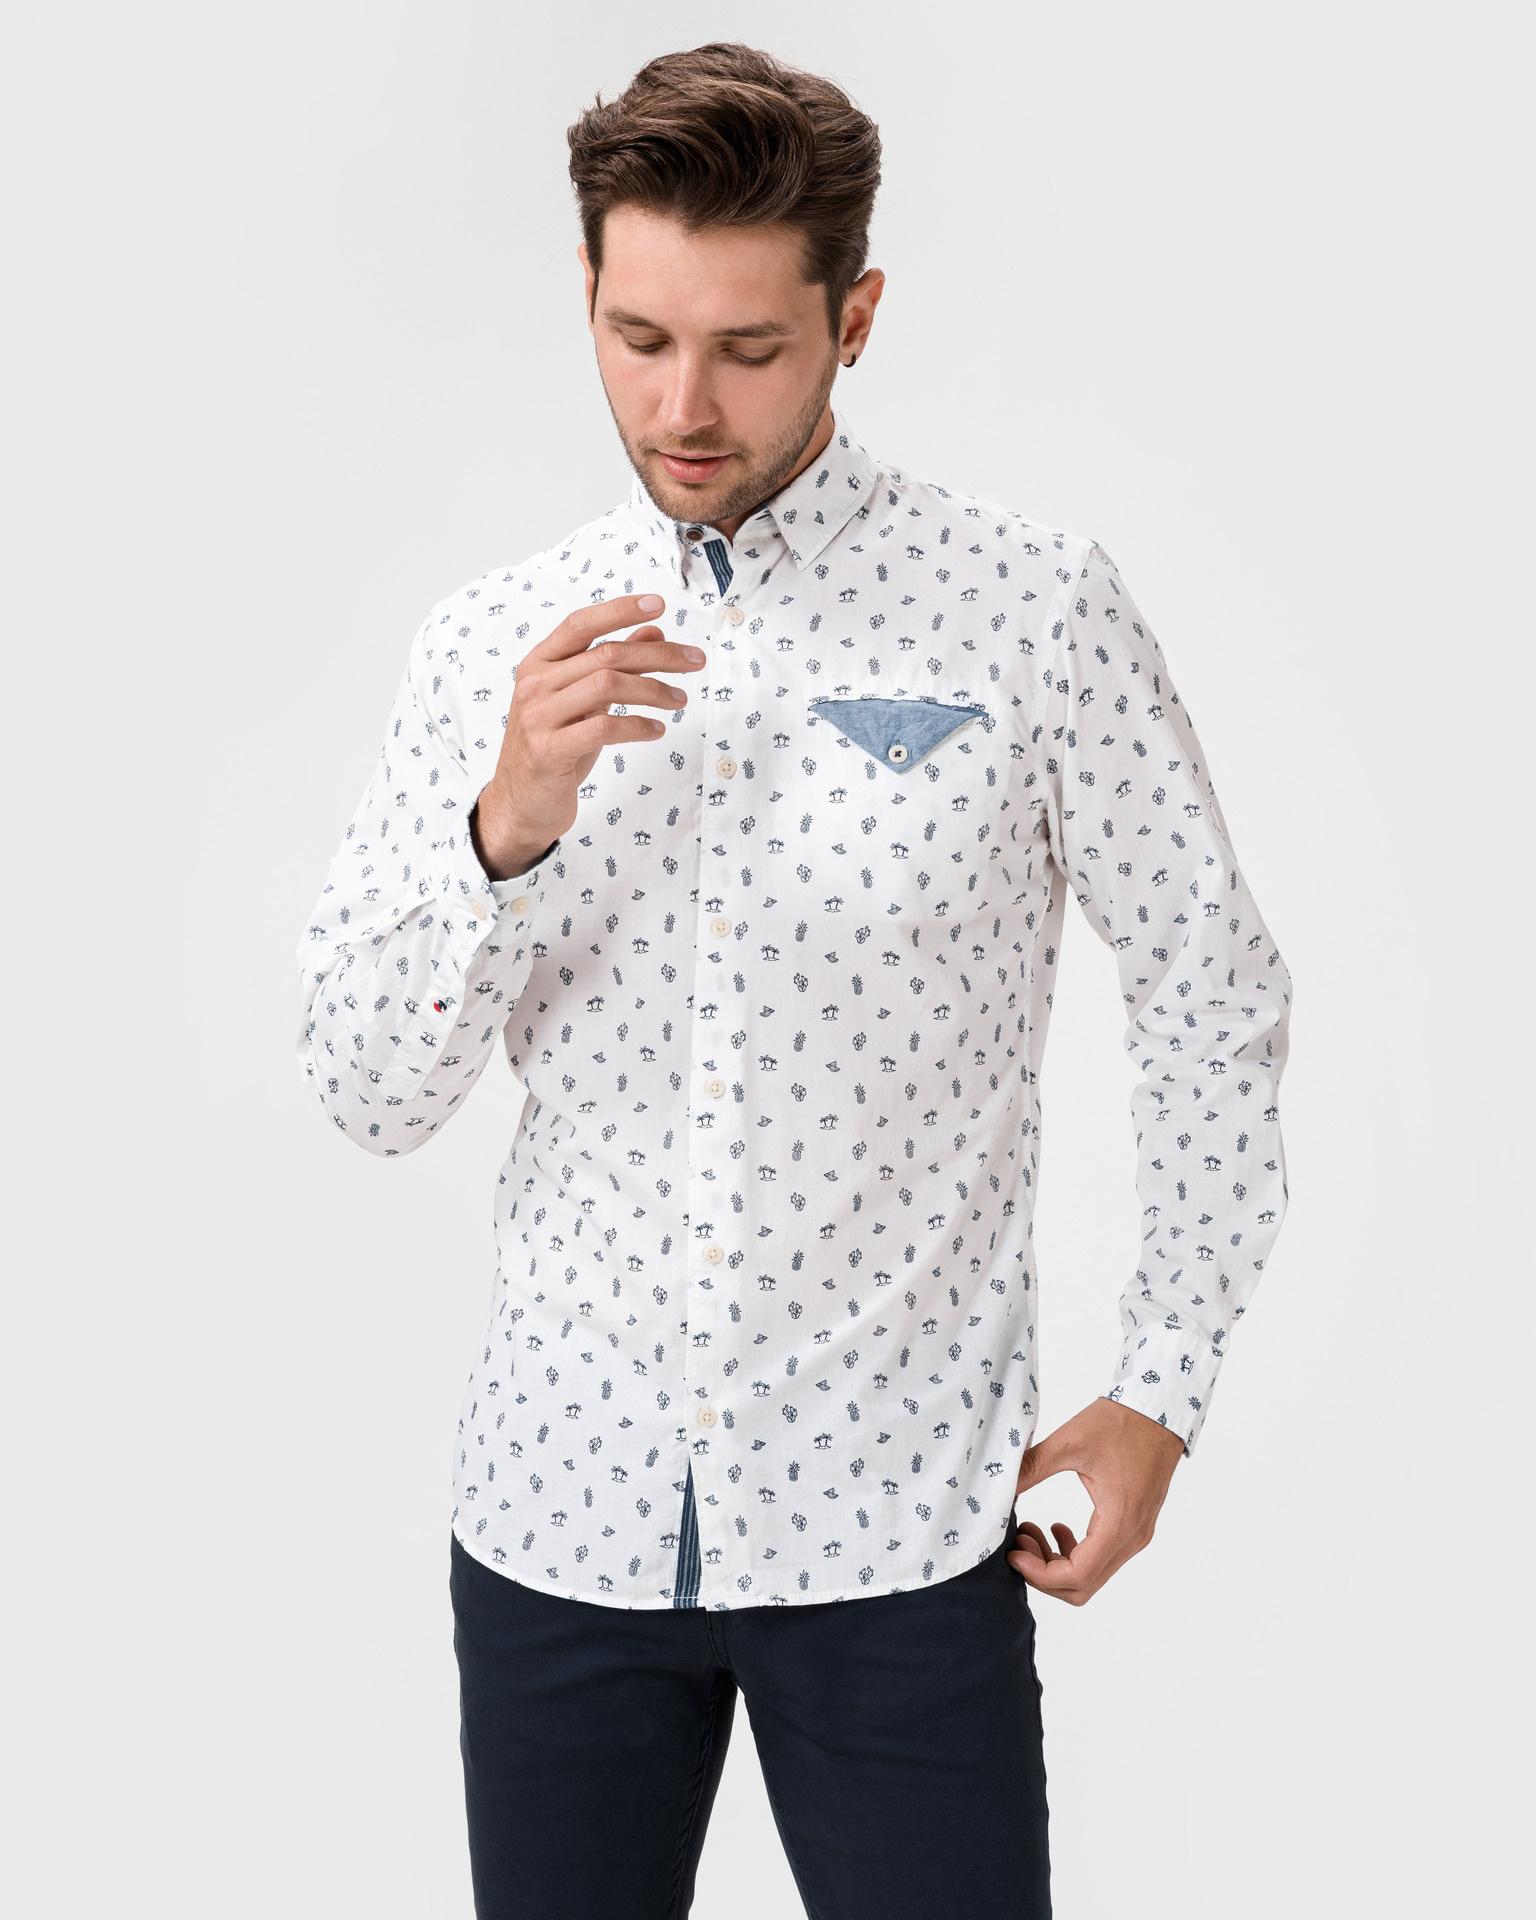 JACK & JONES chemise arnoldie-1